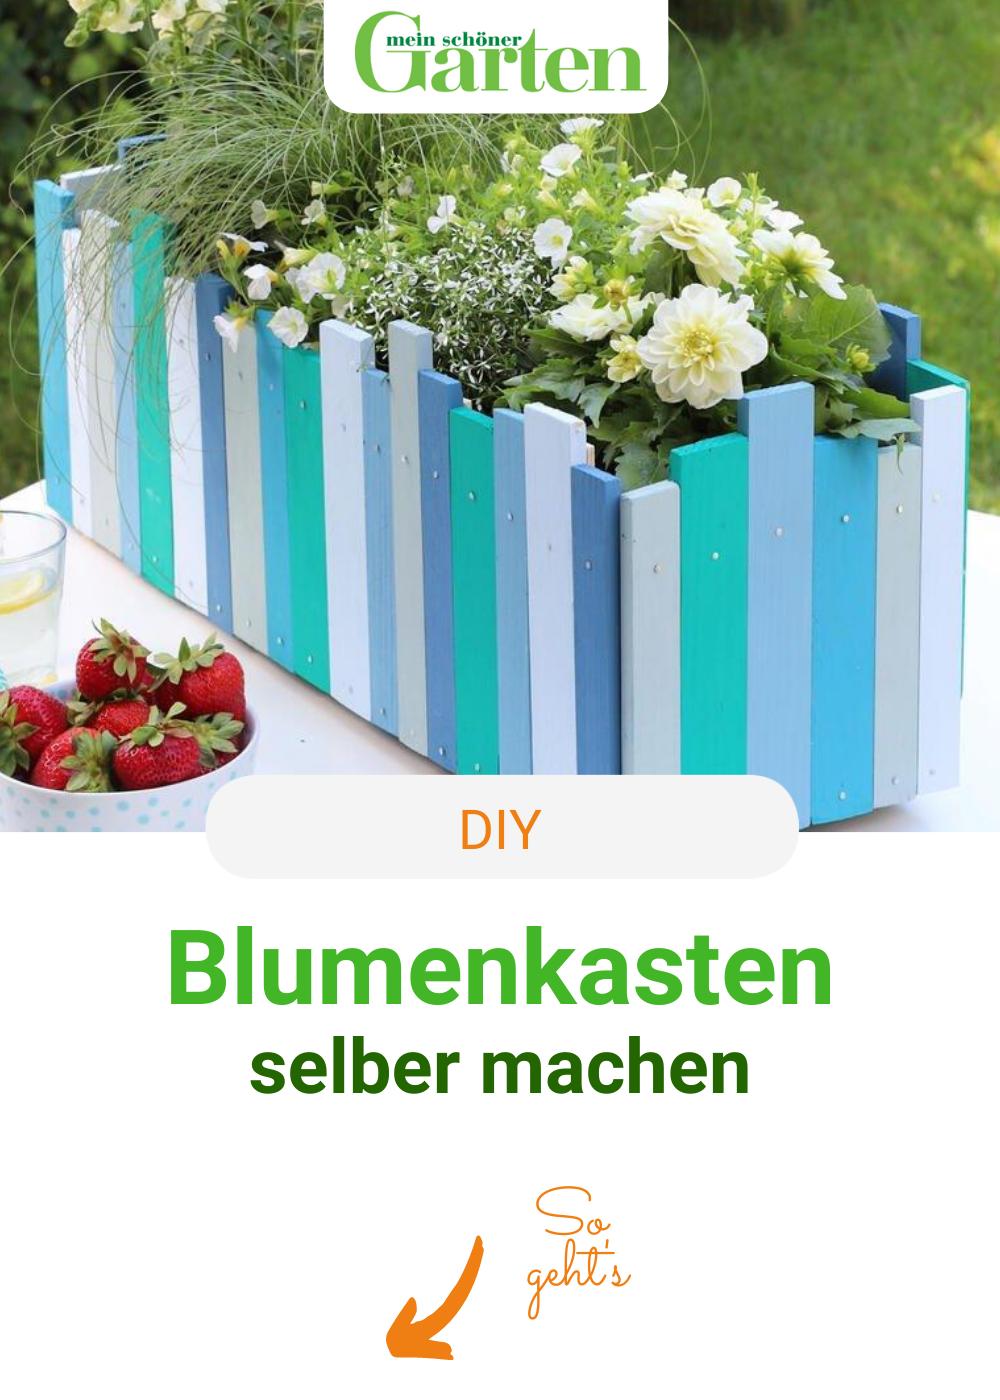 DIY-Kreativ: Blumenkasten bauen